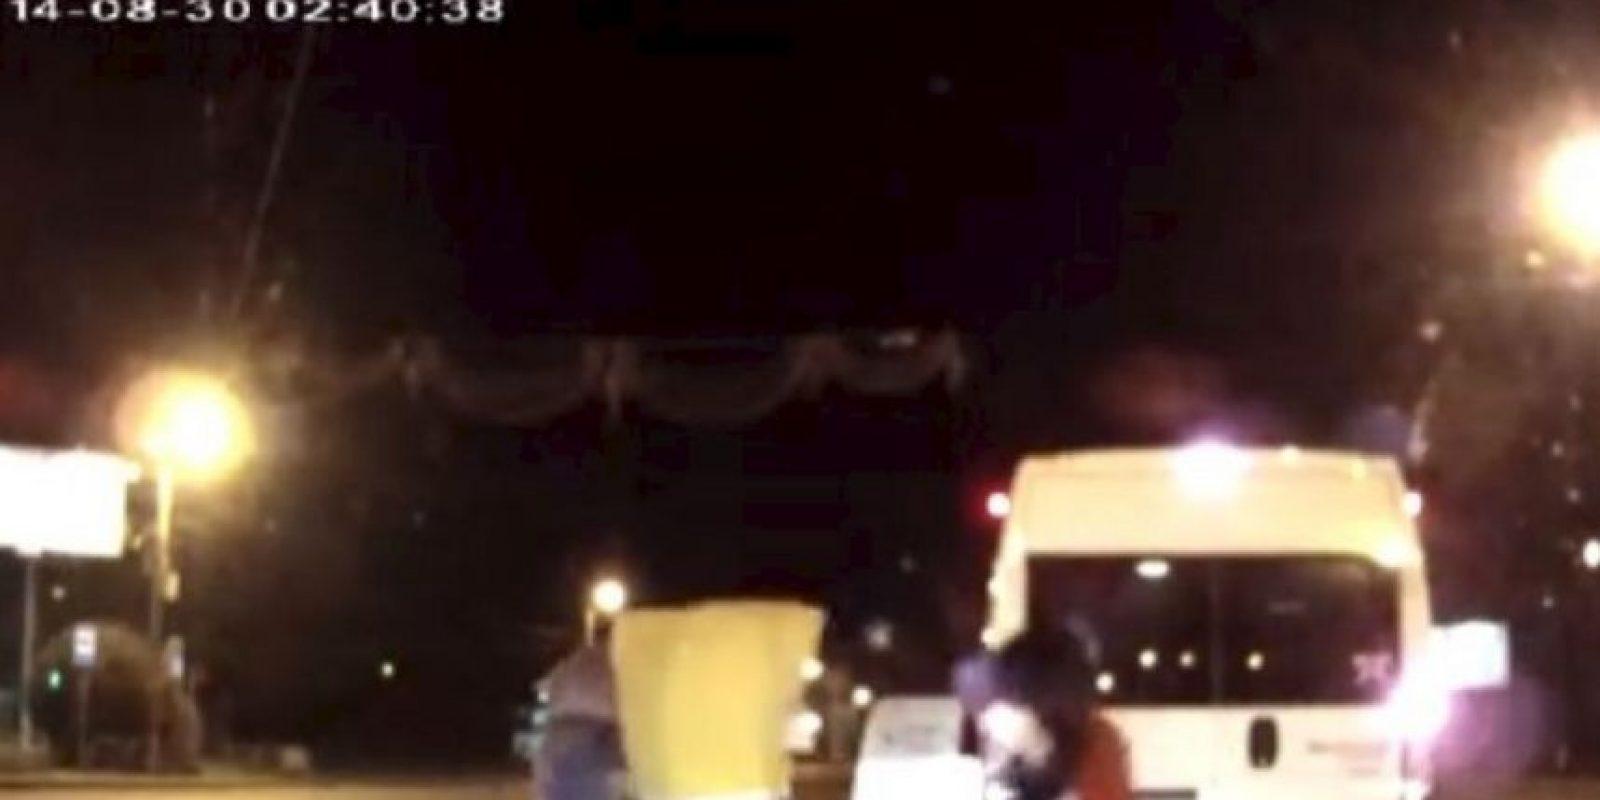 """""""Mickey Mouse, Bob Esponja y sus amigos contra un automovilista"""". Sucedió en septiembre de 2014 en la ciudad rusa de Chelabinsk Foto:YouTube-Archivo. Imagen Por:"""